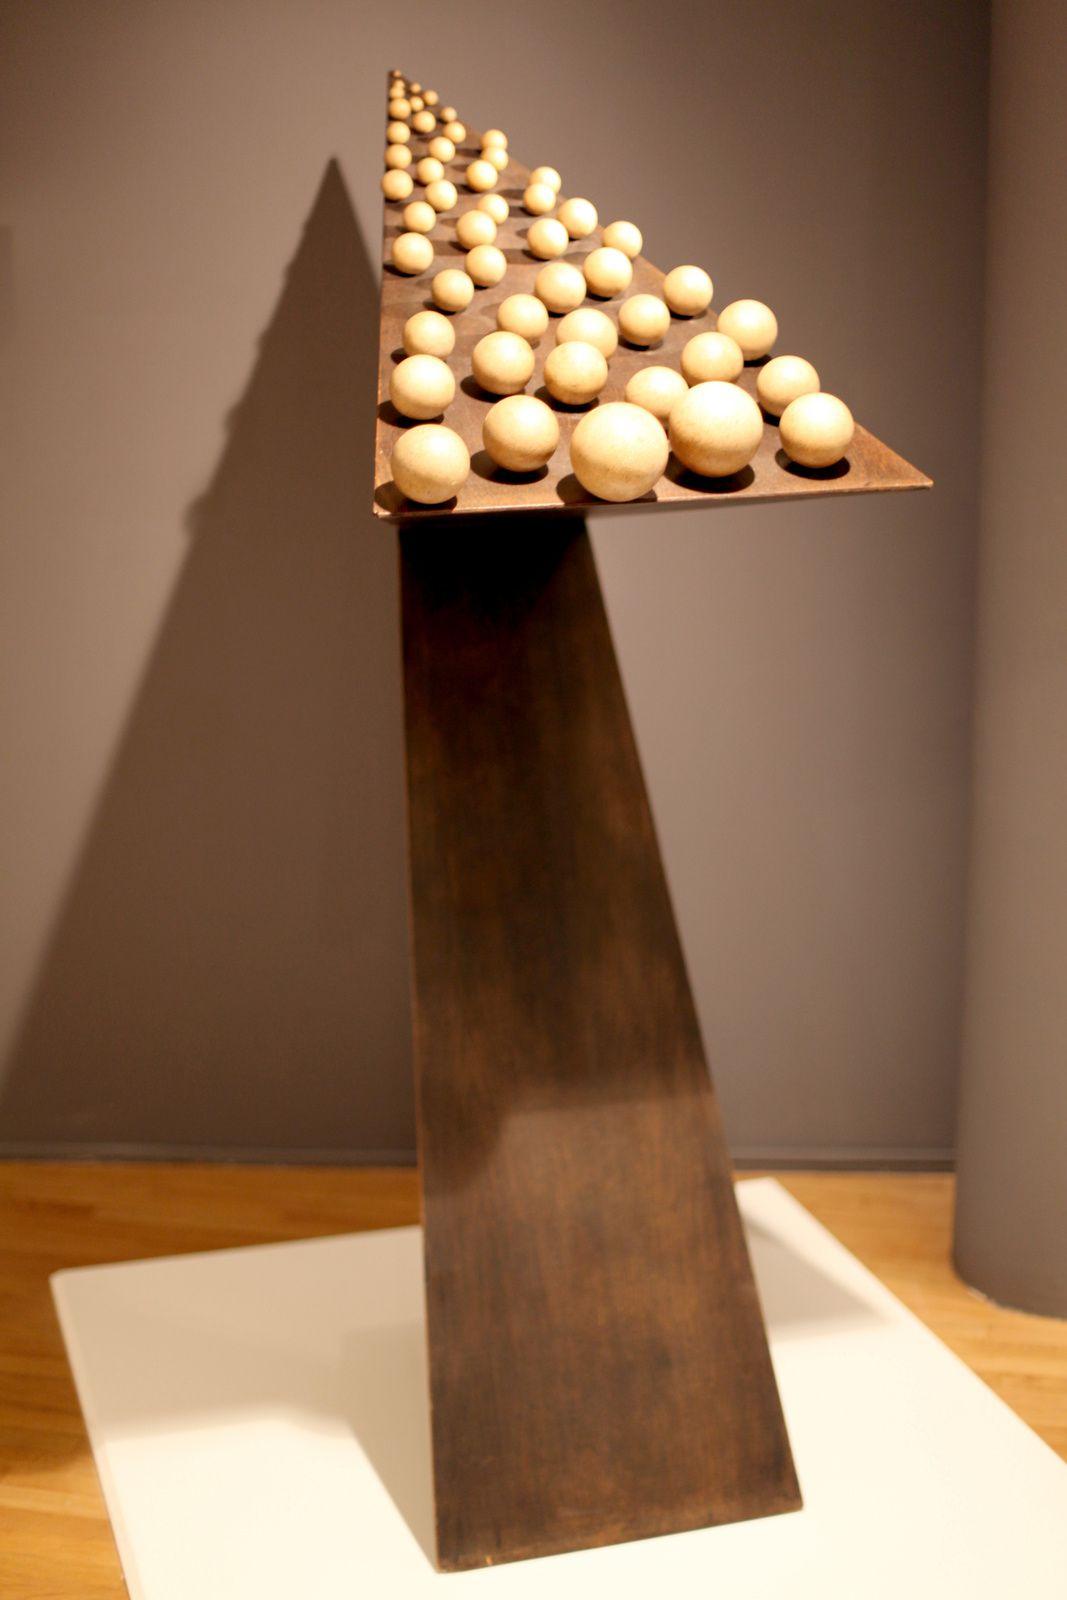 """"""" 49 boules de même couleur sur un plan incliné mais surélevé"""", 1966  de Pol Bury © Photo Éric Simon"""